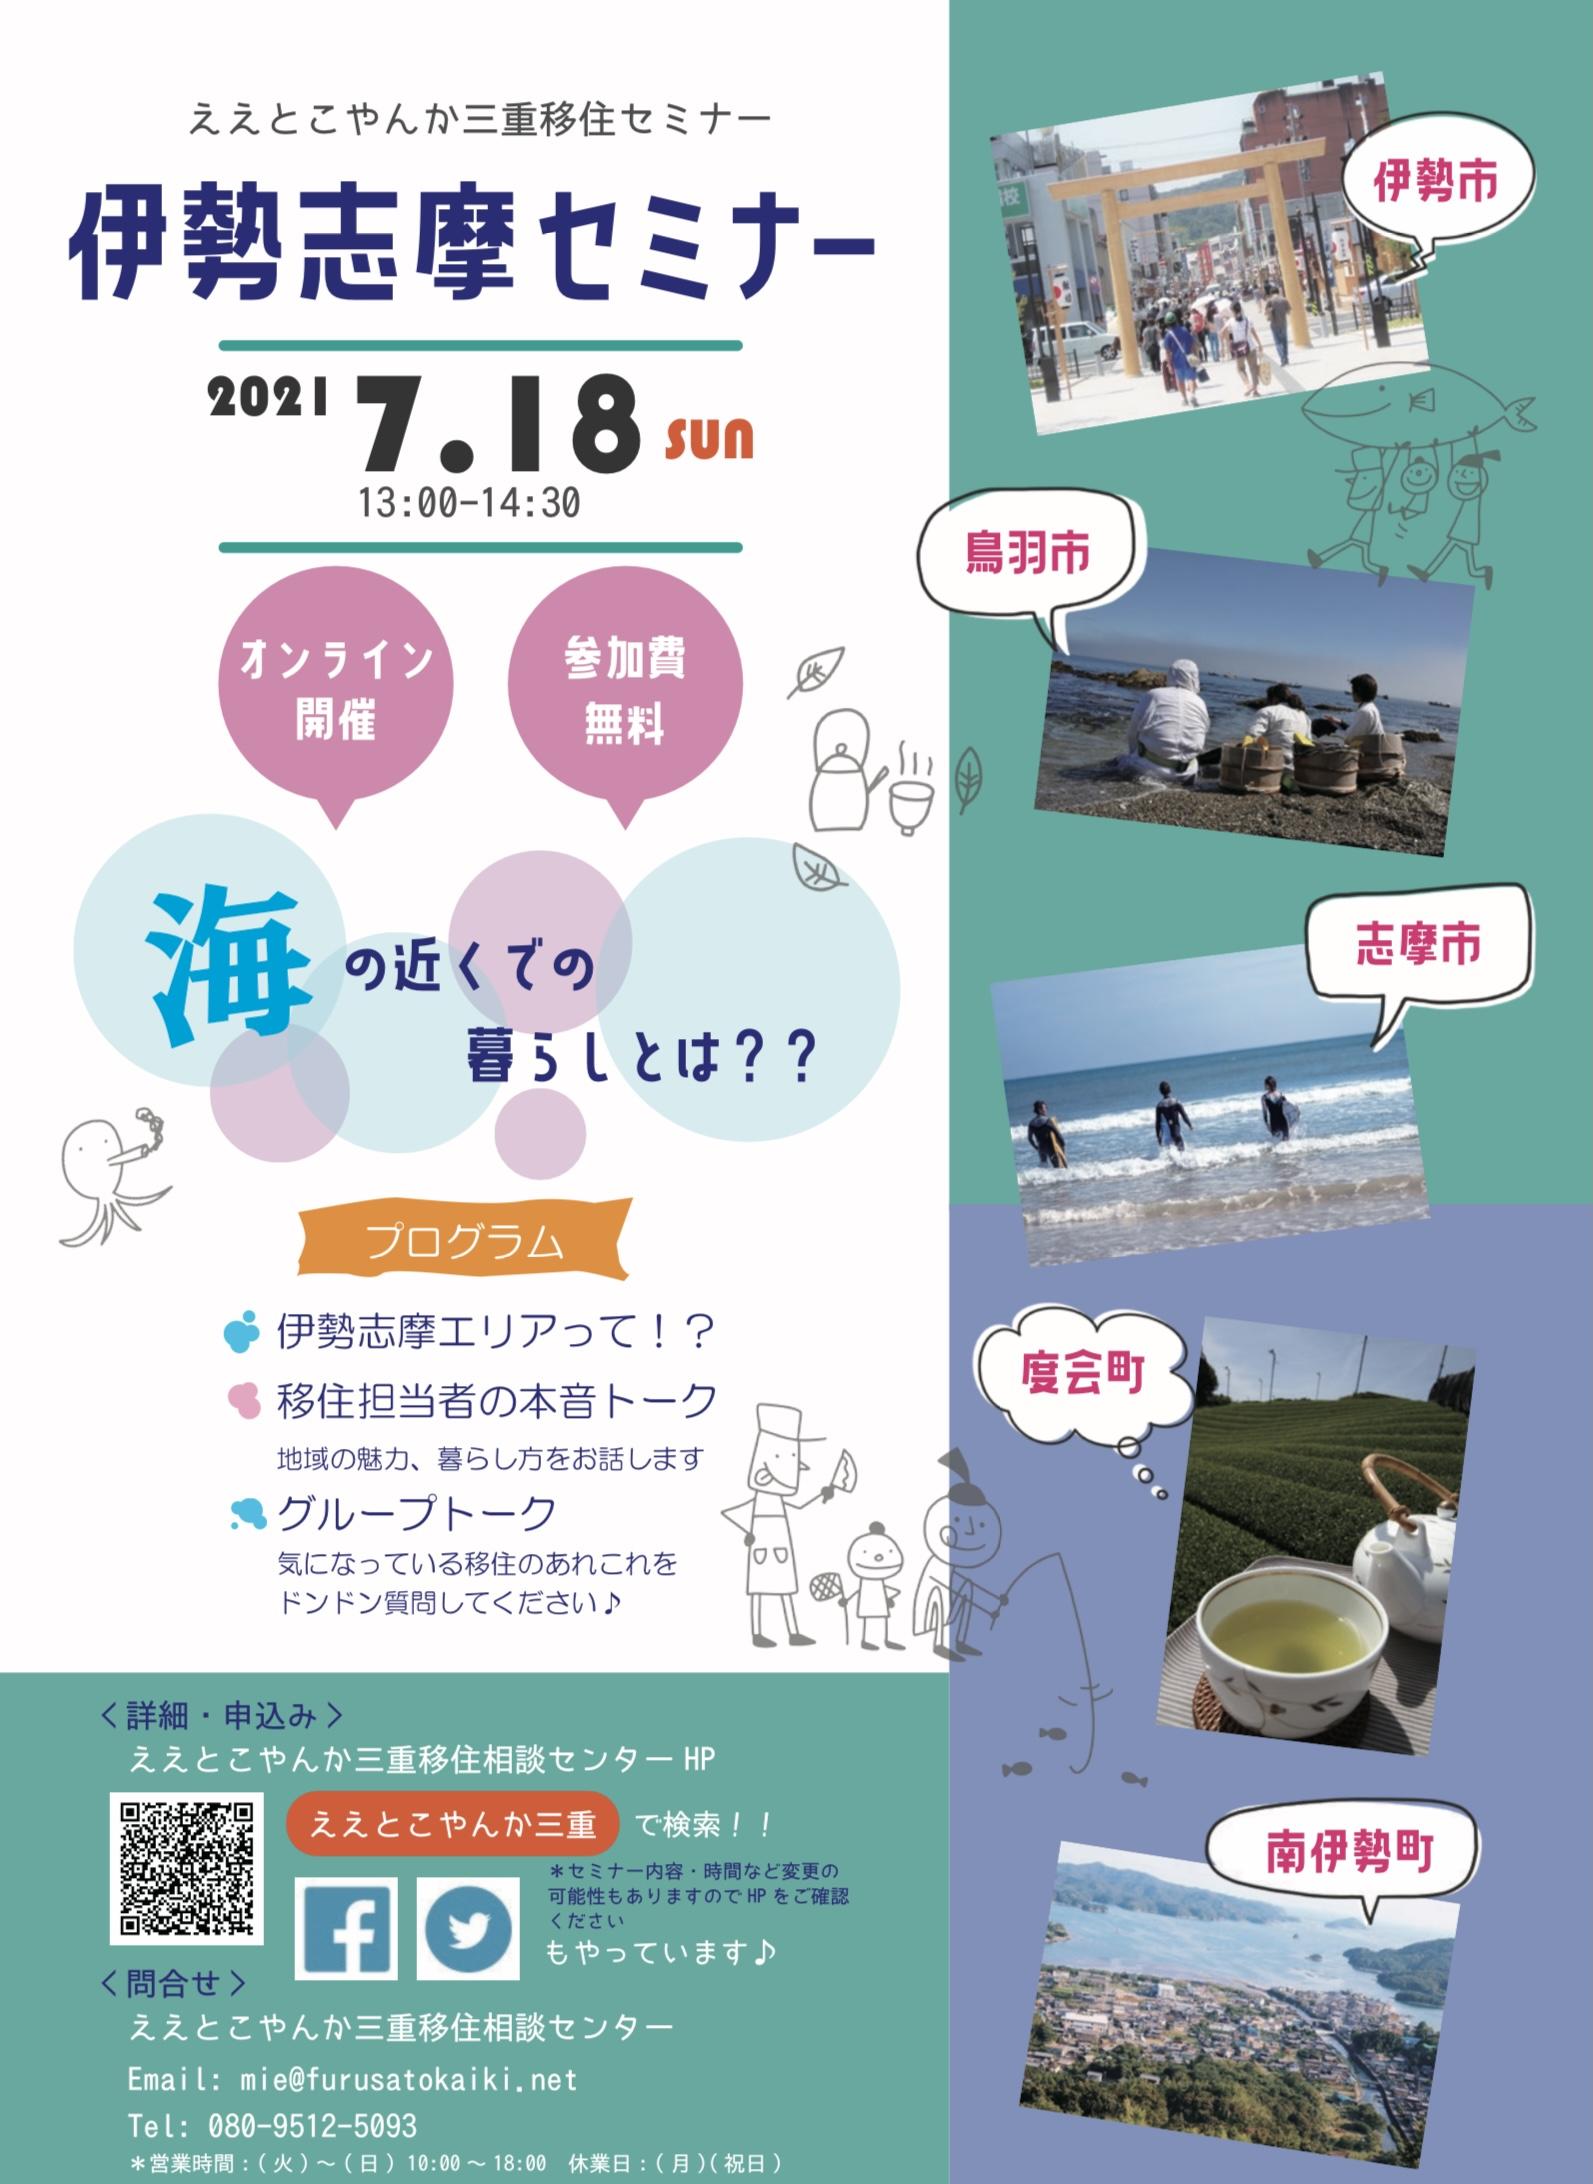 (終了しました)【オンライン/7月18日(日)】ええとこやんか三重移住セミナー~伊勢志摩で暮らす~を開催します!_写真1